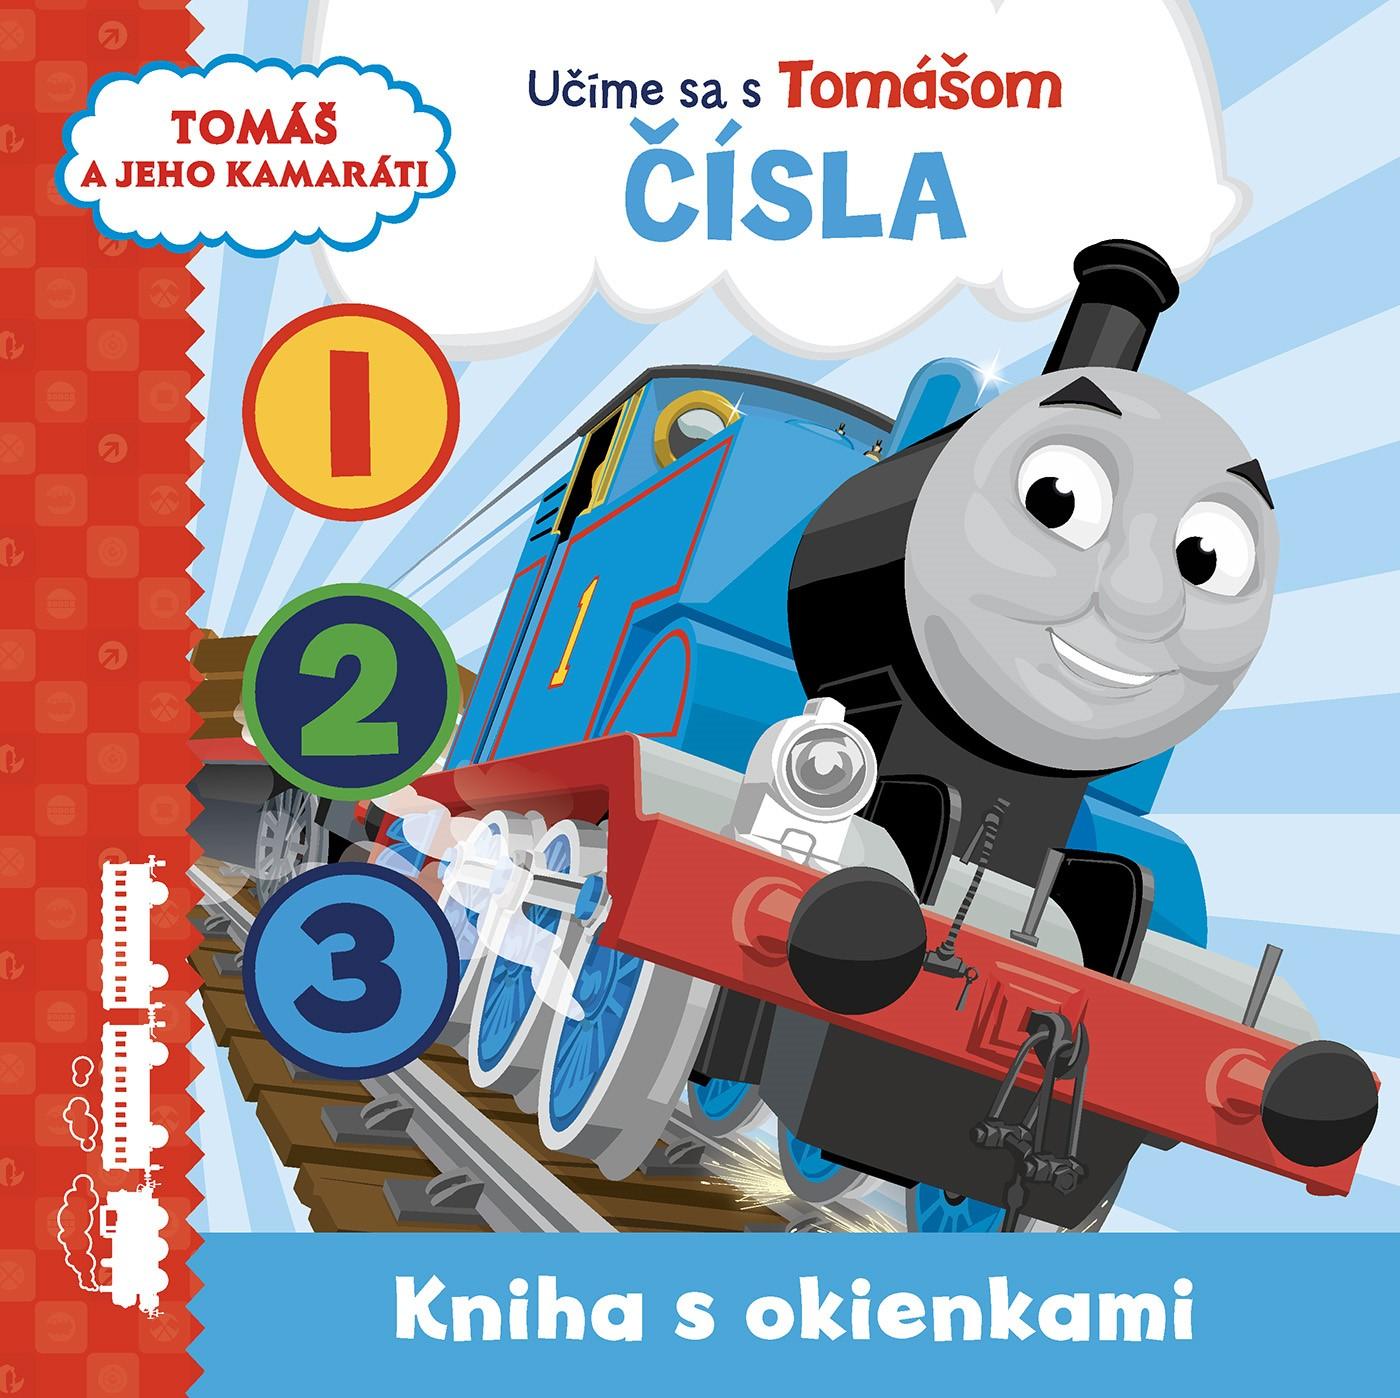 Tomáš a jeho kamaráti - Učíme sa s Tomášom - čísla